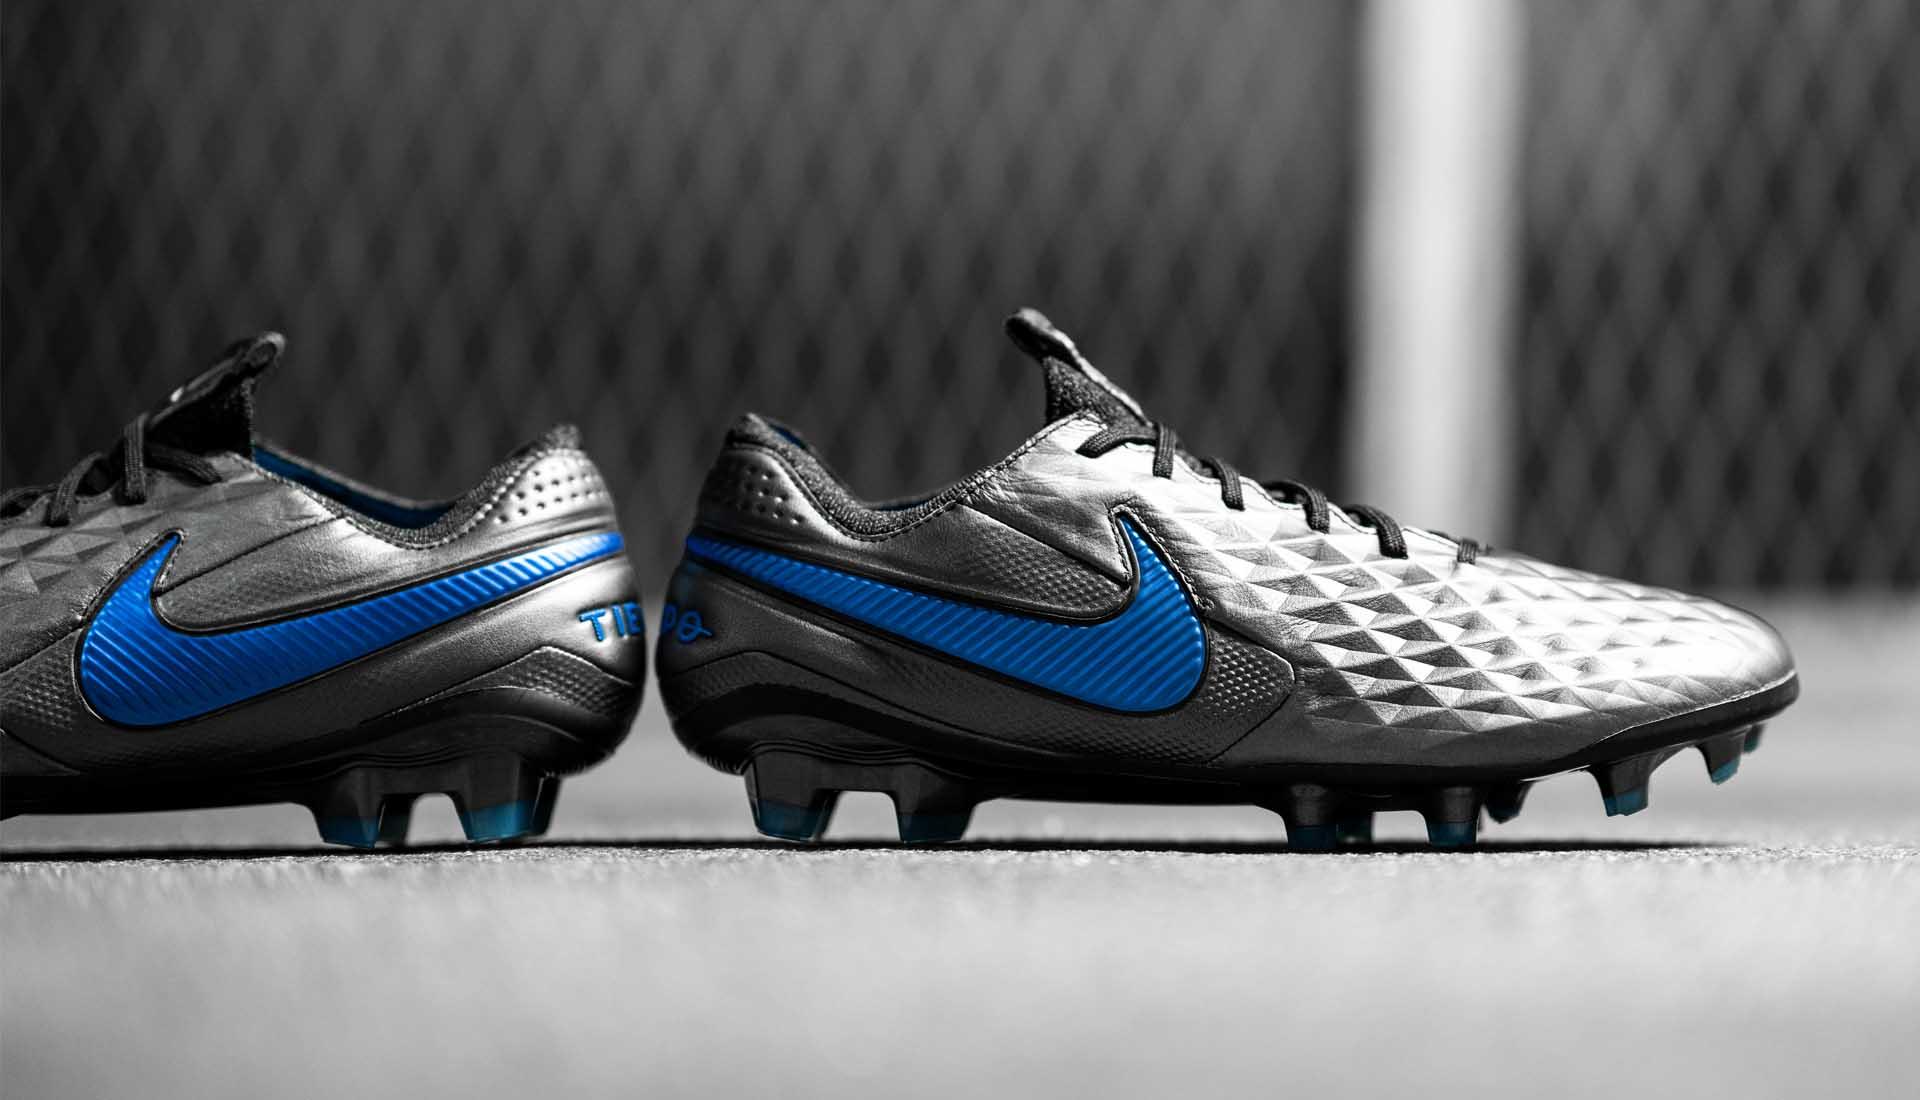 Nike Tiempo là một dòng giày bóng đá có lịch sử rất lâu đời của Nike